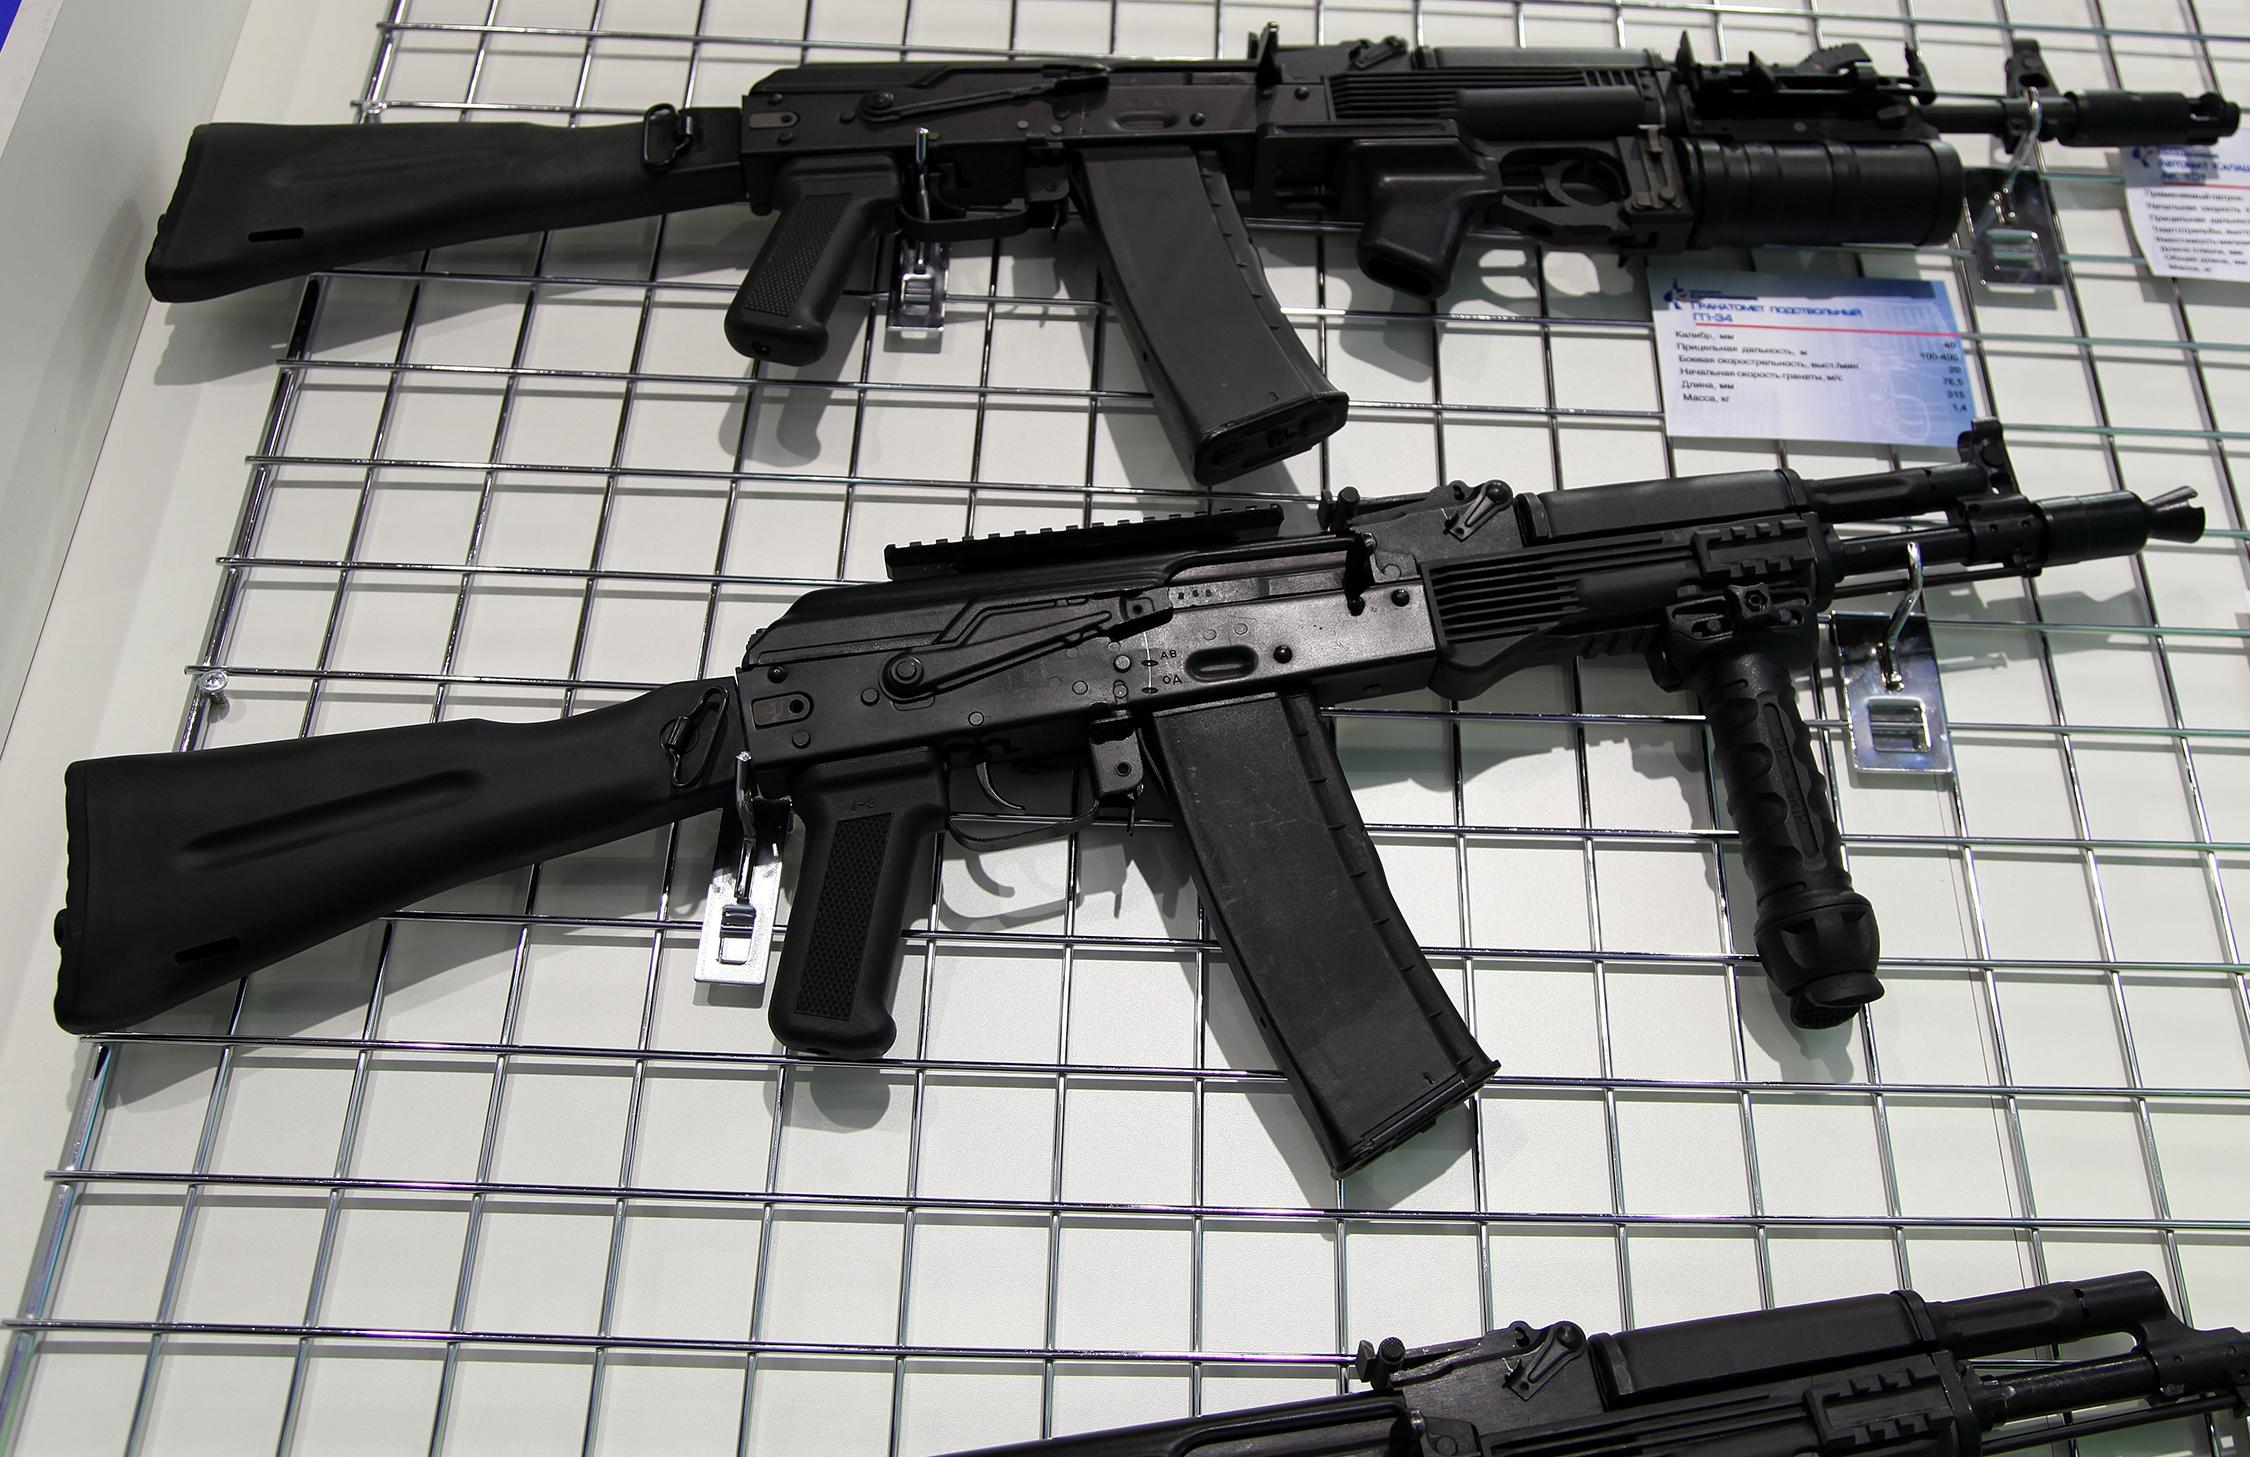 AK-102 - Wikipedia